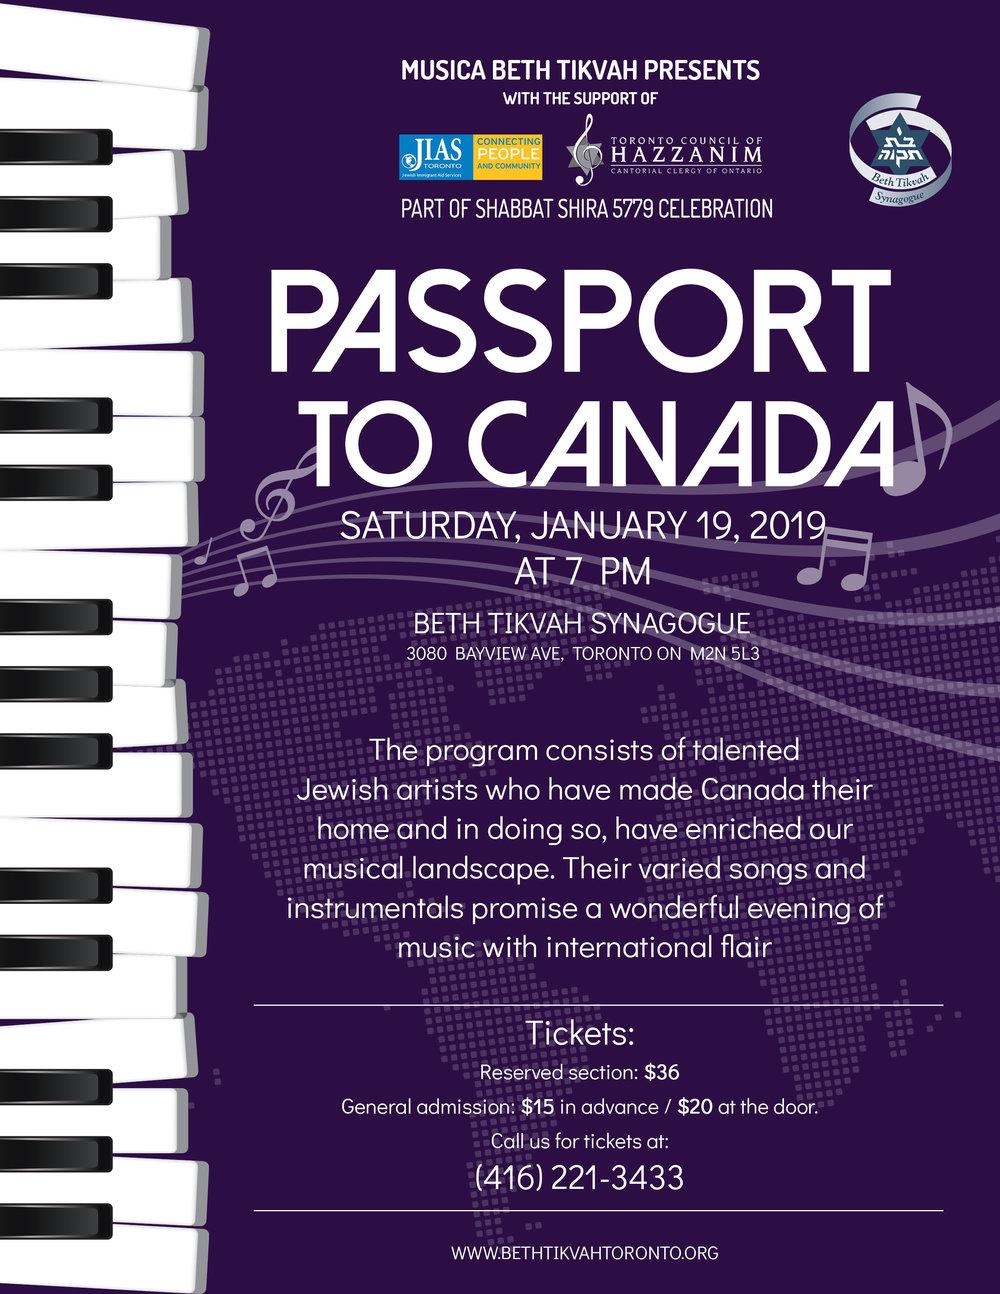 passport-to-canada.jpg